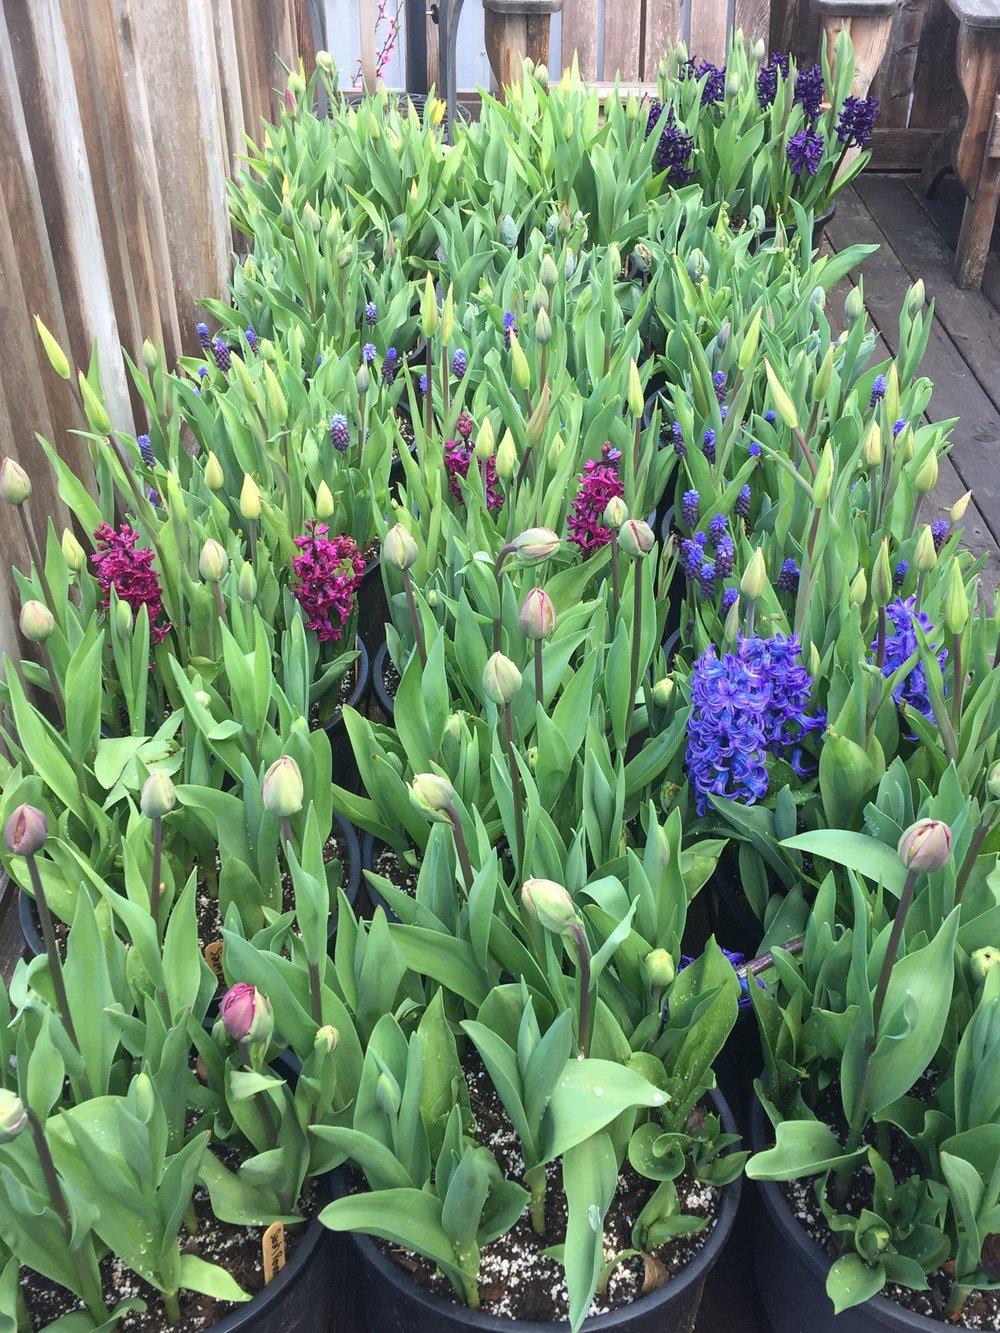 Pots arrayed on my deck